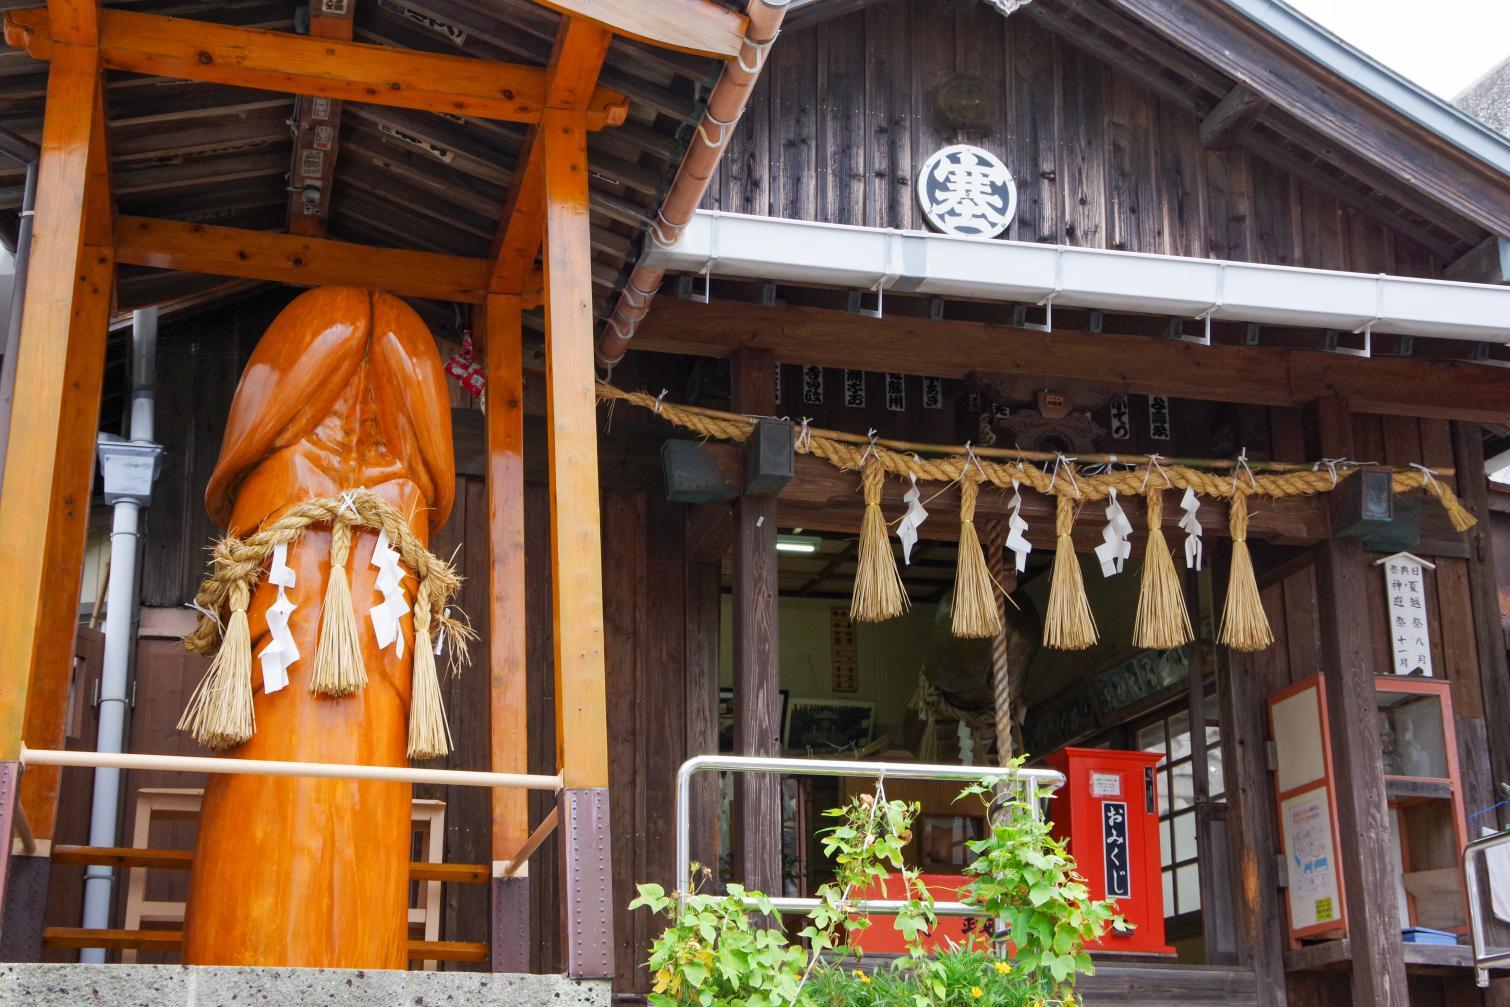 巨大なシンボルが目をひく和合の神様「塞神社」-2